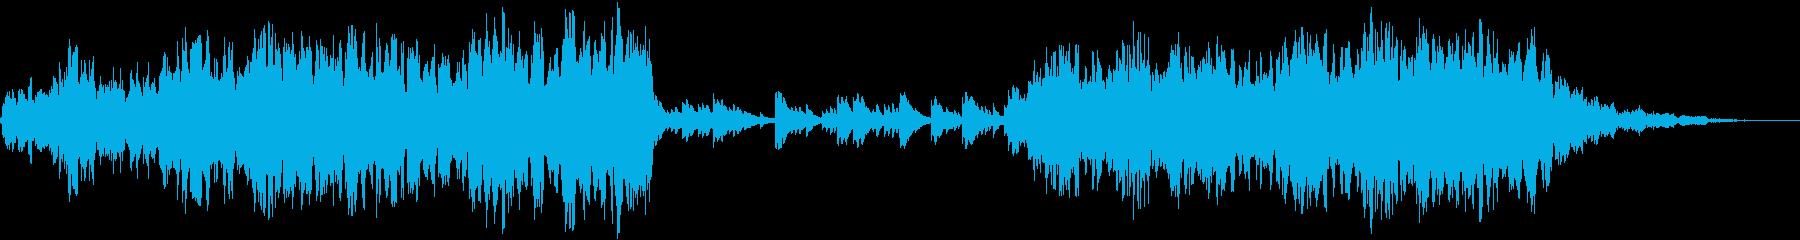 荘厳でドラマティックな幻想音楽の再生済みの波形